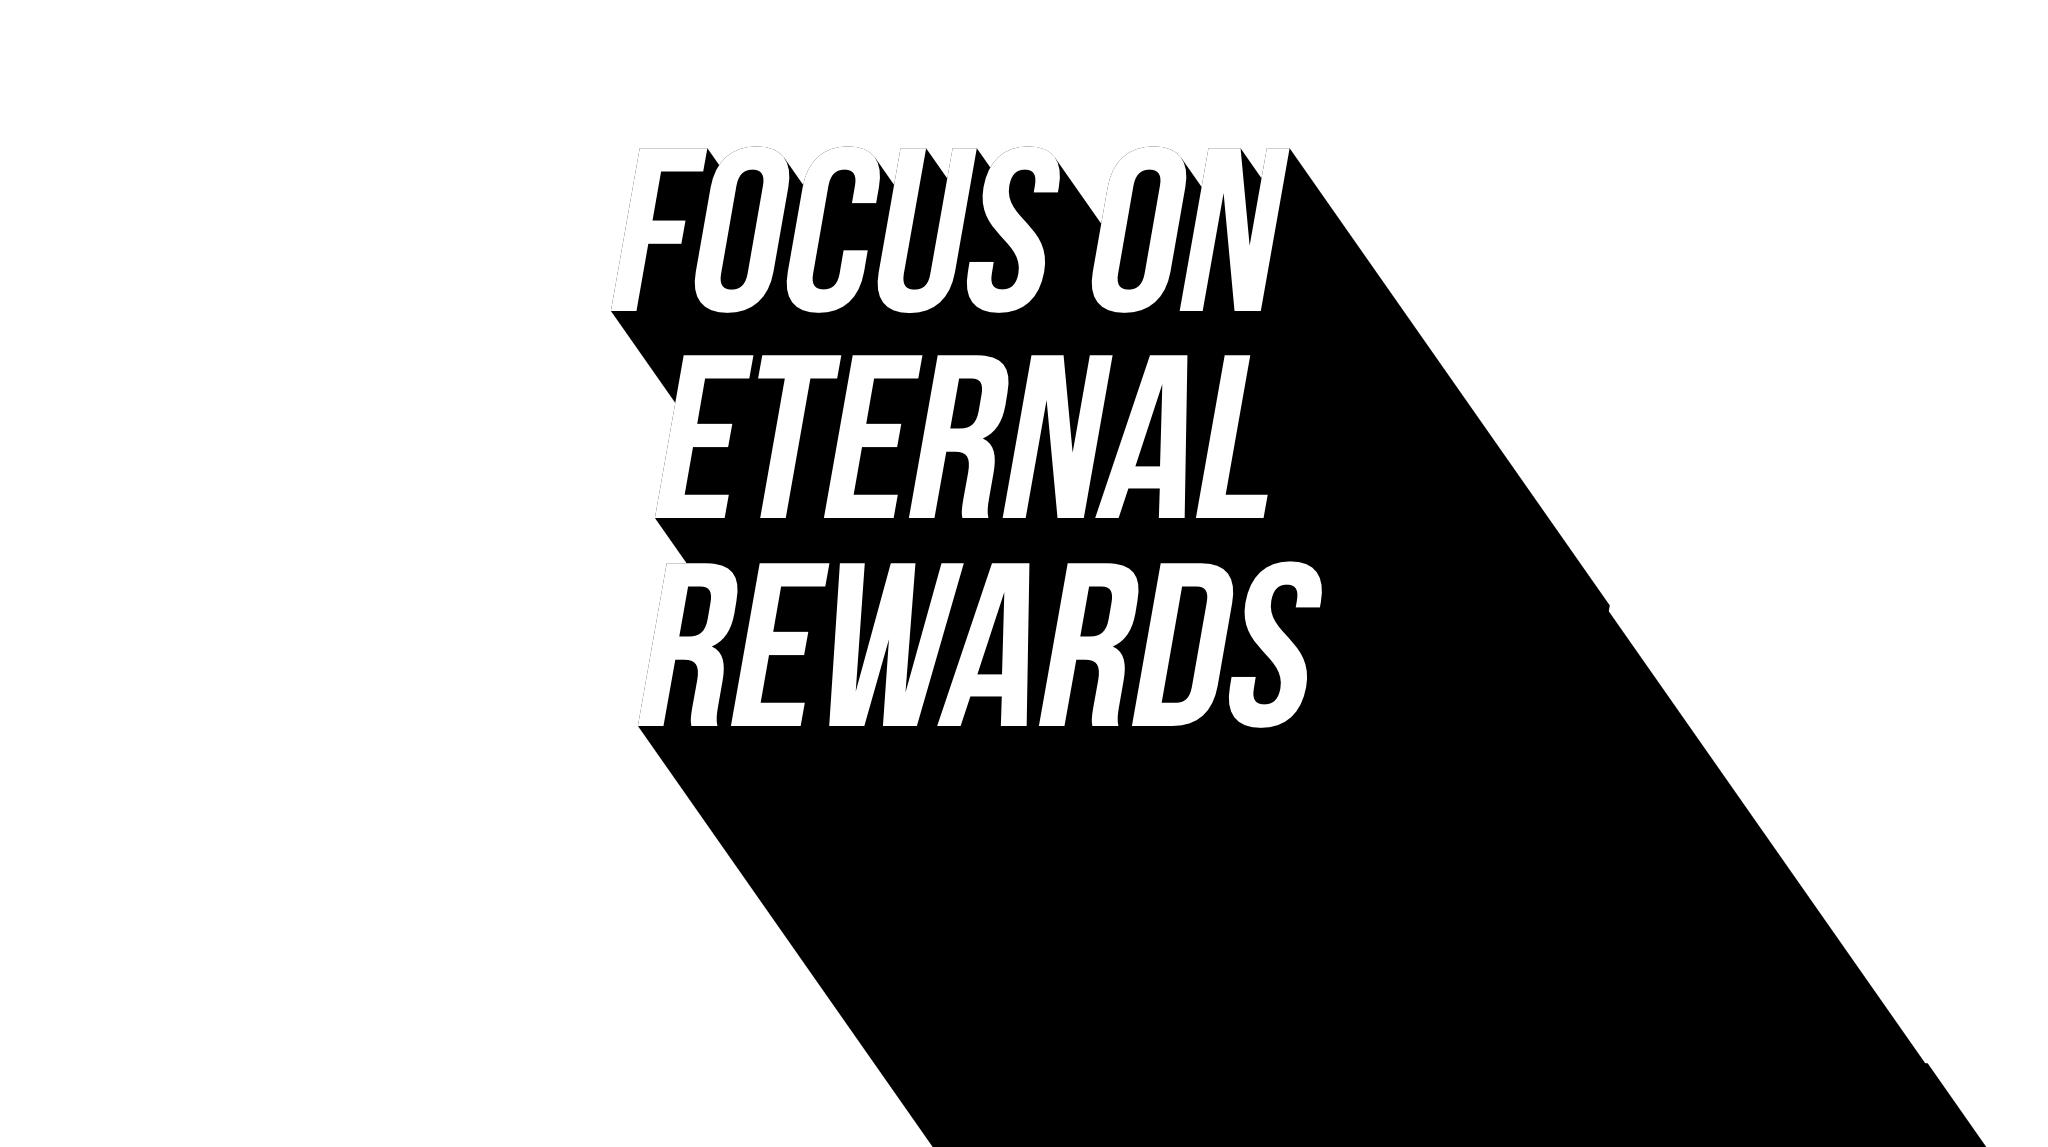 Focus on Eternal Rewards